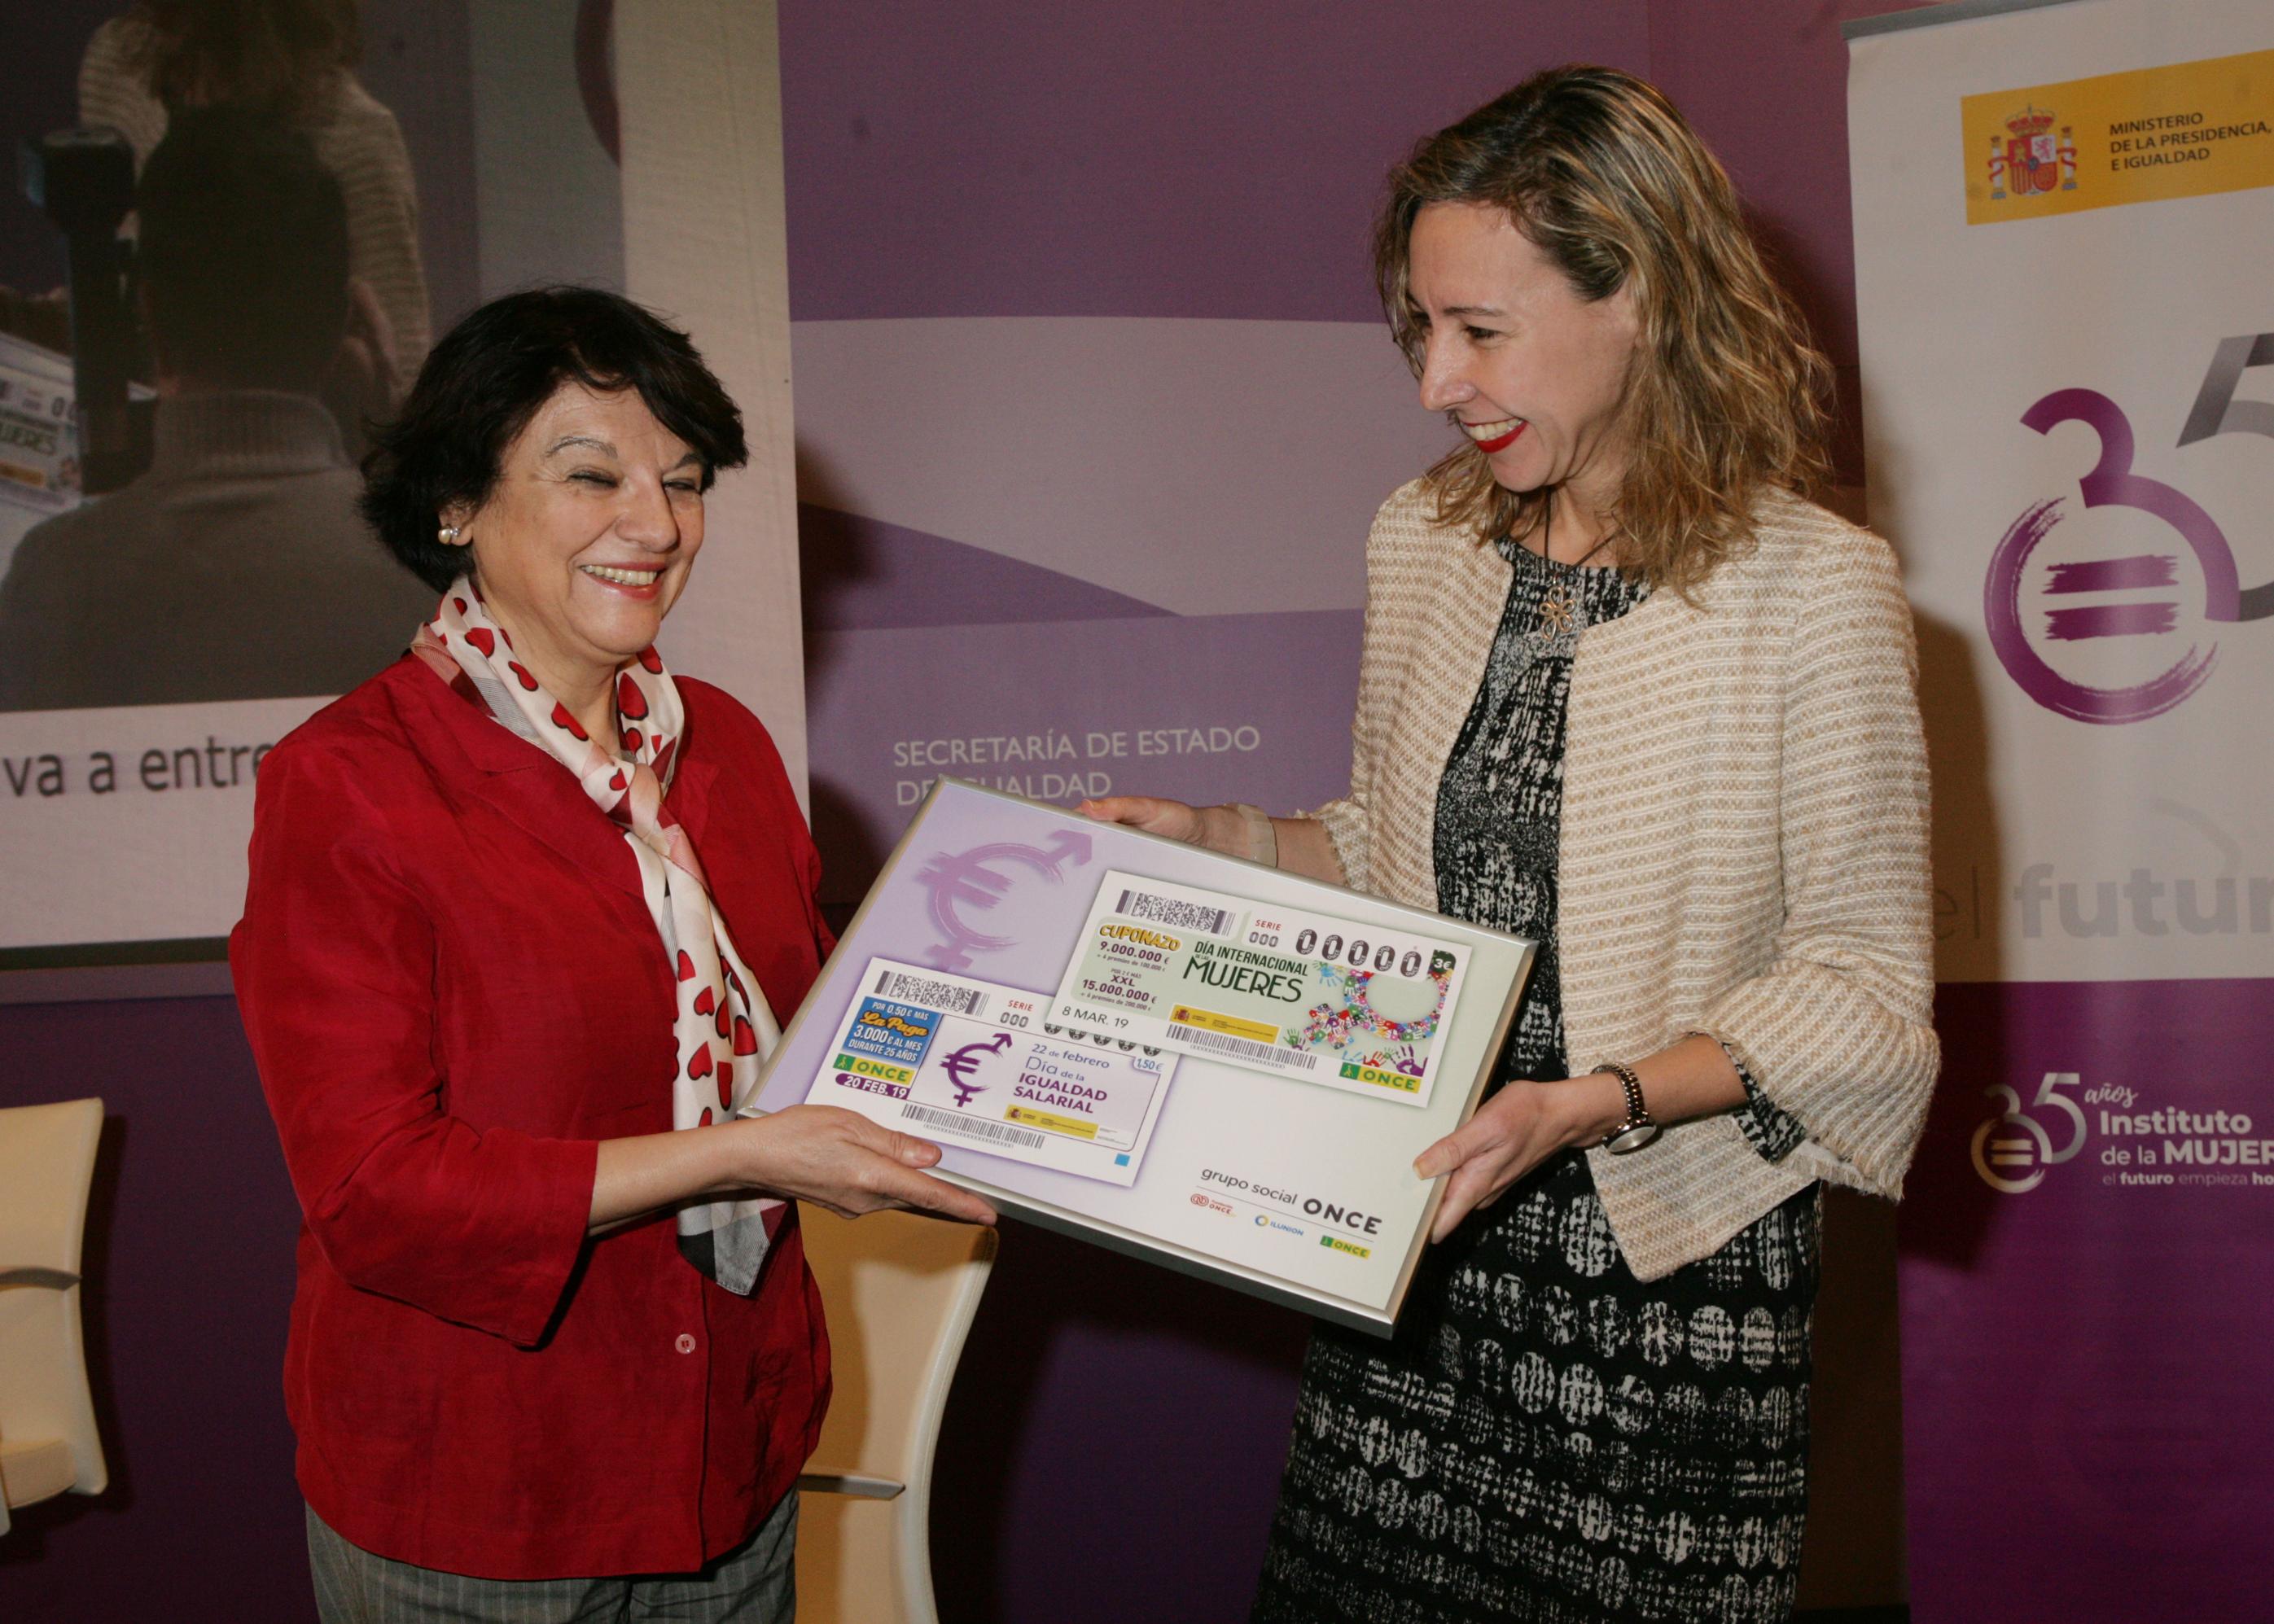 Soledad Murillo y Patricia Sanz presentan los cupones dedicados a la igualdad